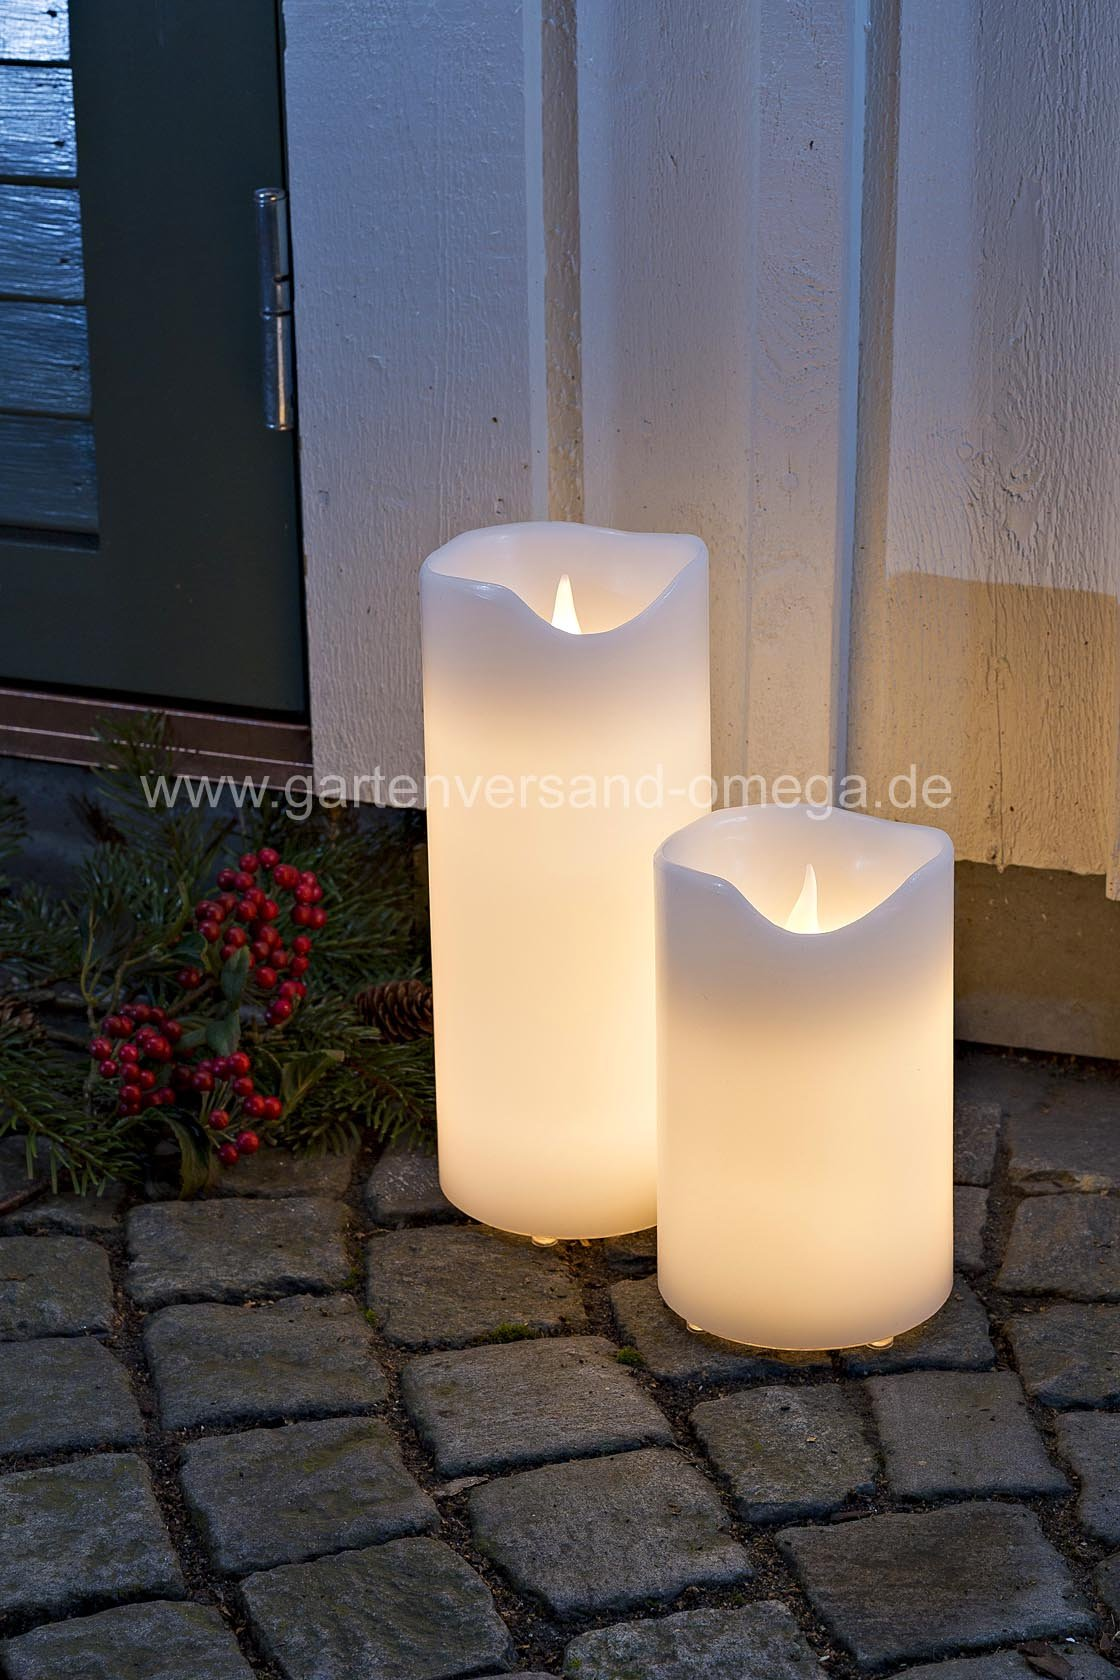 led echtwachskerze gro adventskerzen adventsau enbeleuchtung wachskerzen f r au en. Black Bedroom Furniture Sets. Home Design Ideas